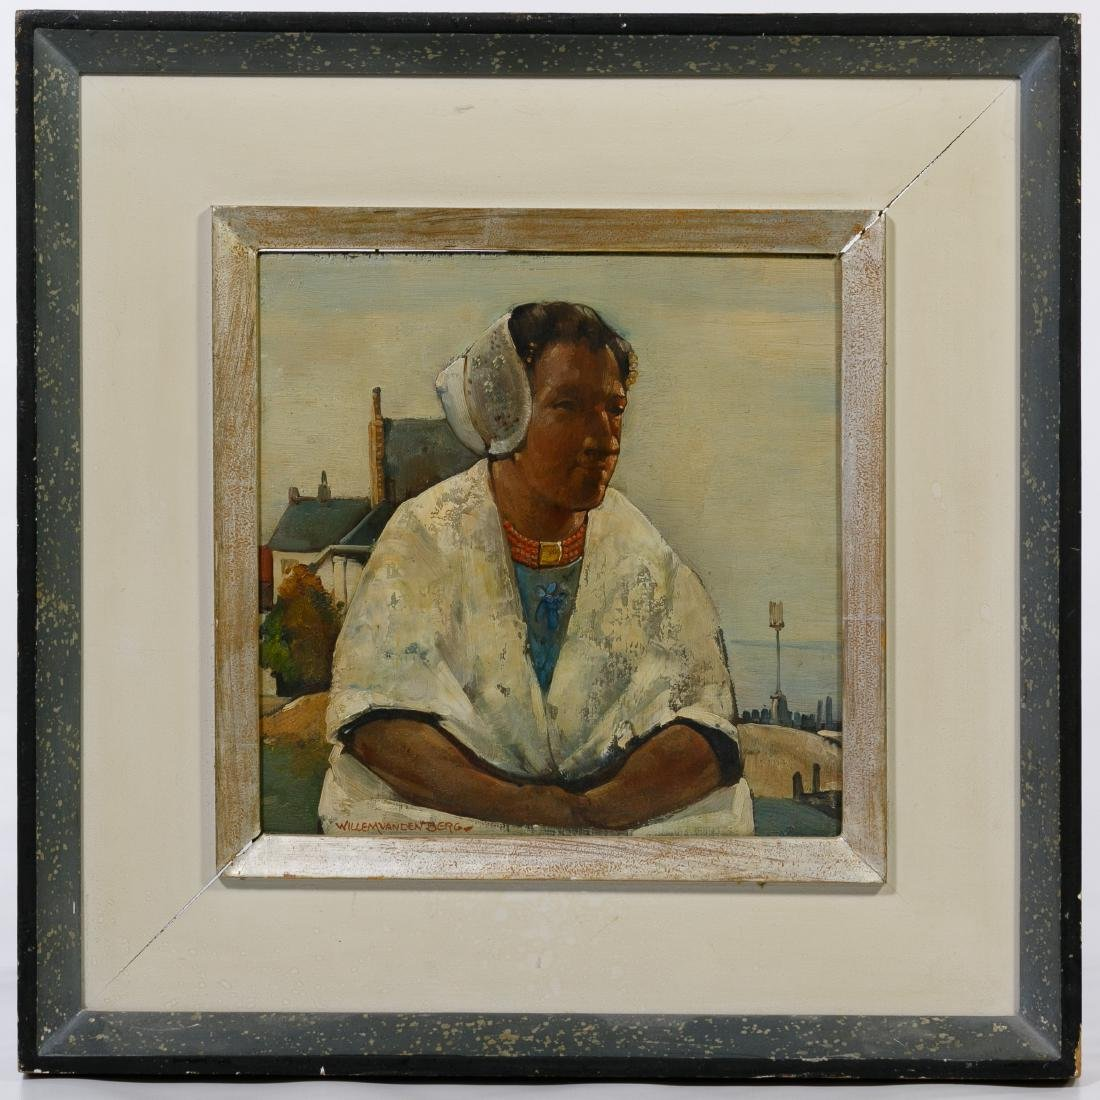 Willem Van Den Berg (American / Dutch, 1886-1970) Oil